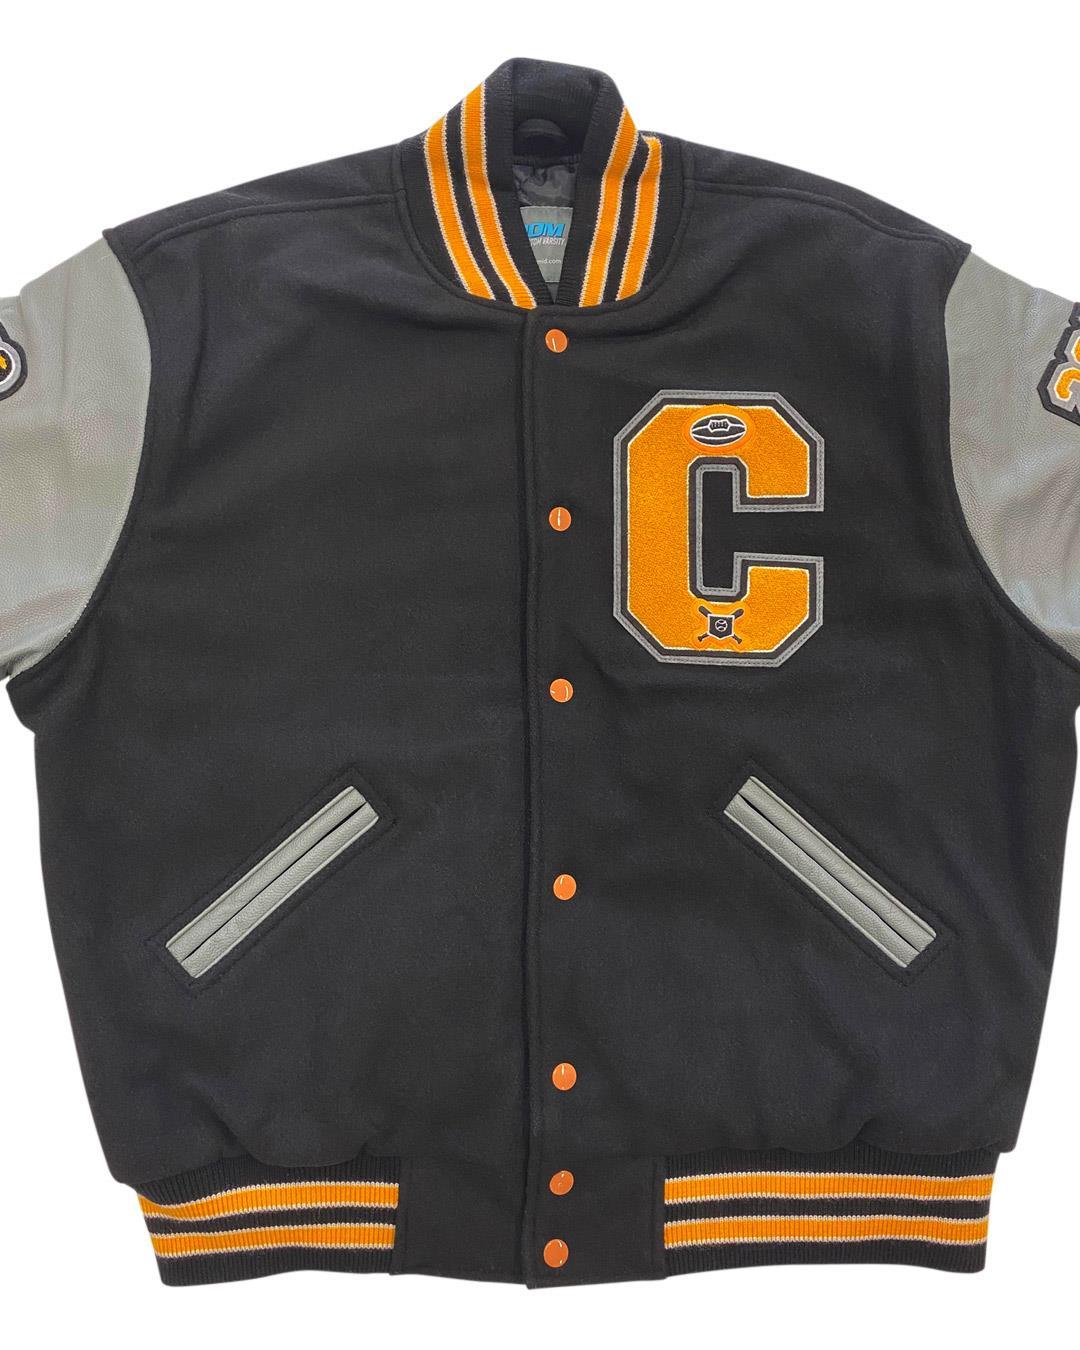 Caddo High School Letter Jacket, Caddo OK